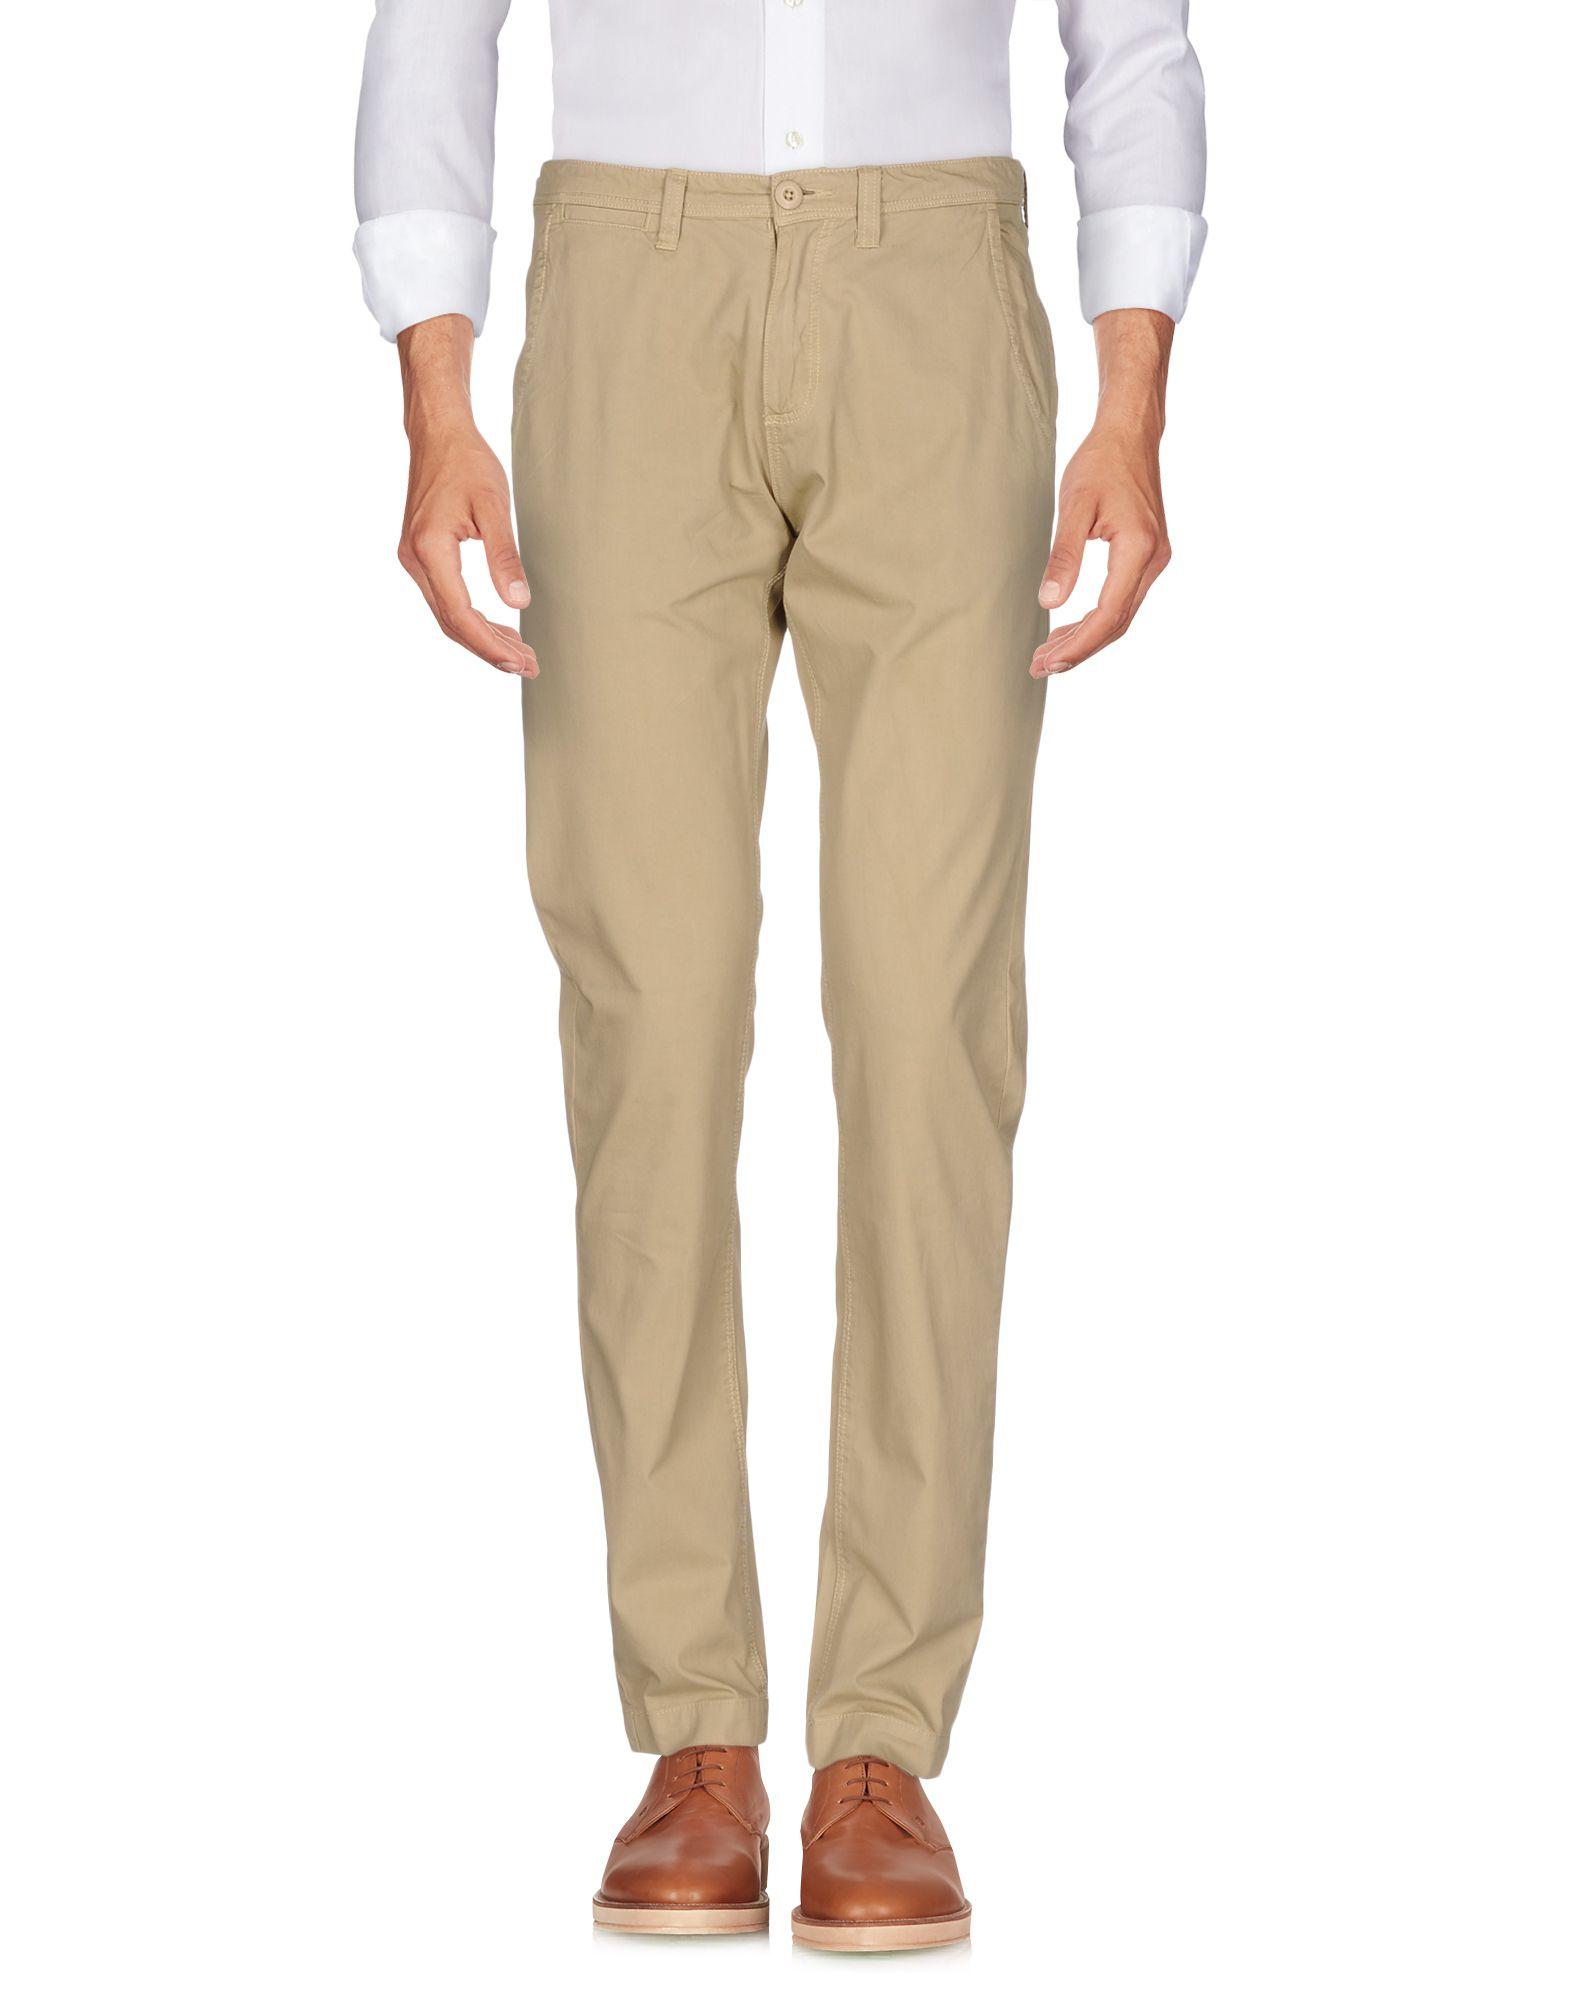 U.S.POLO ASSN. Повседневные брюки брюки чинос quelle quelle 920895